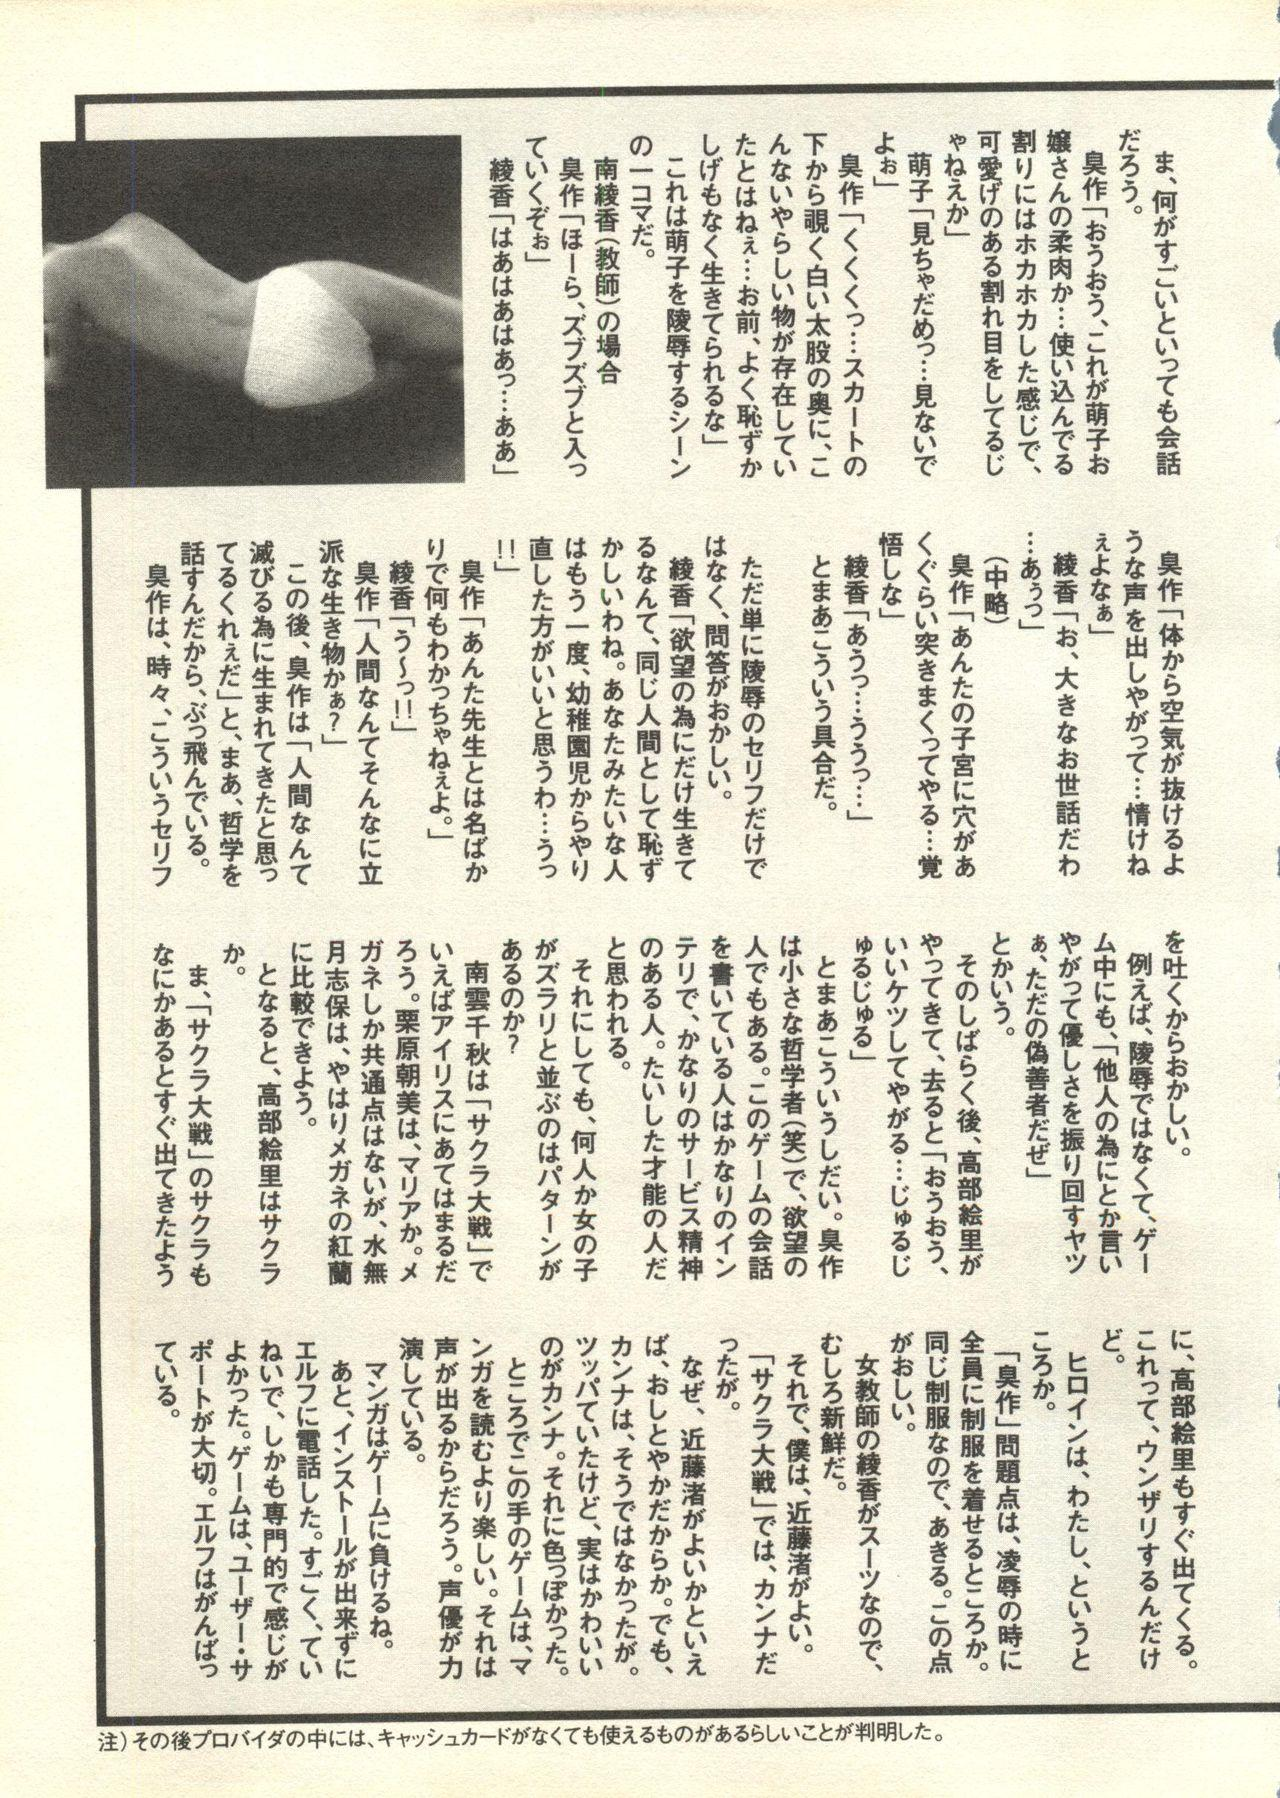 Pai;kuu 1998 July Vol. 11 253